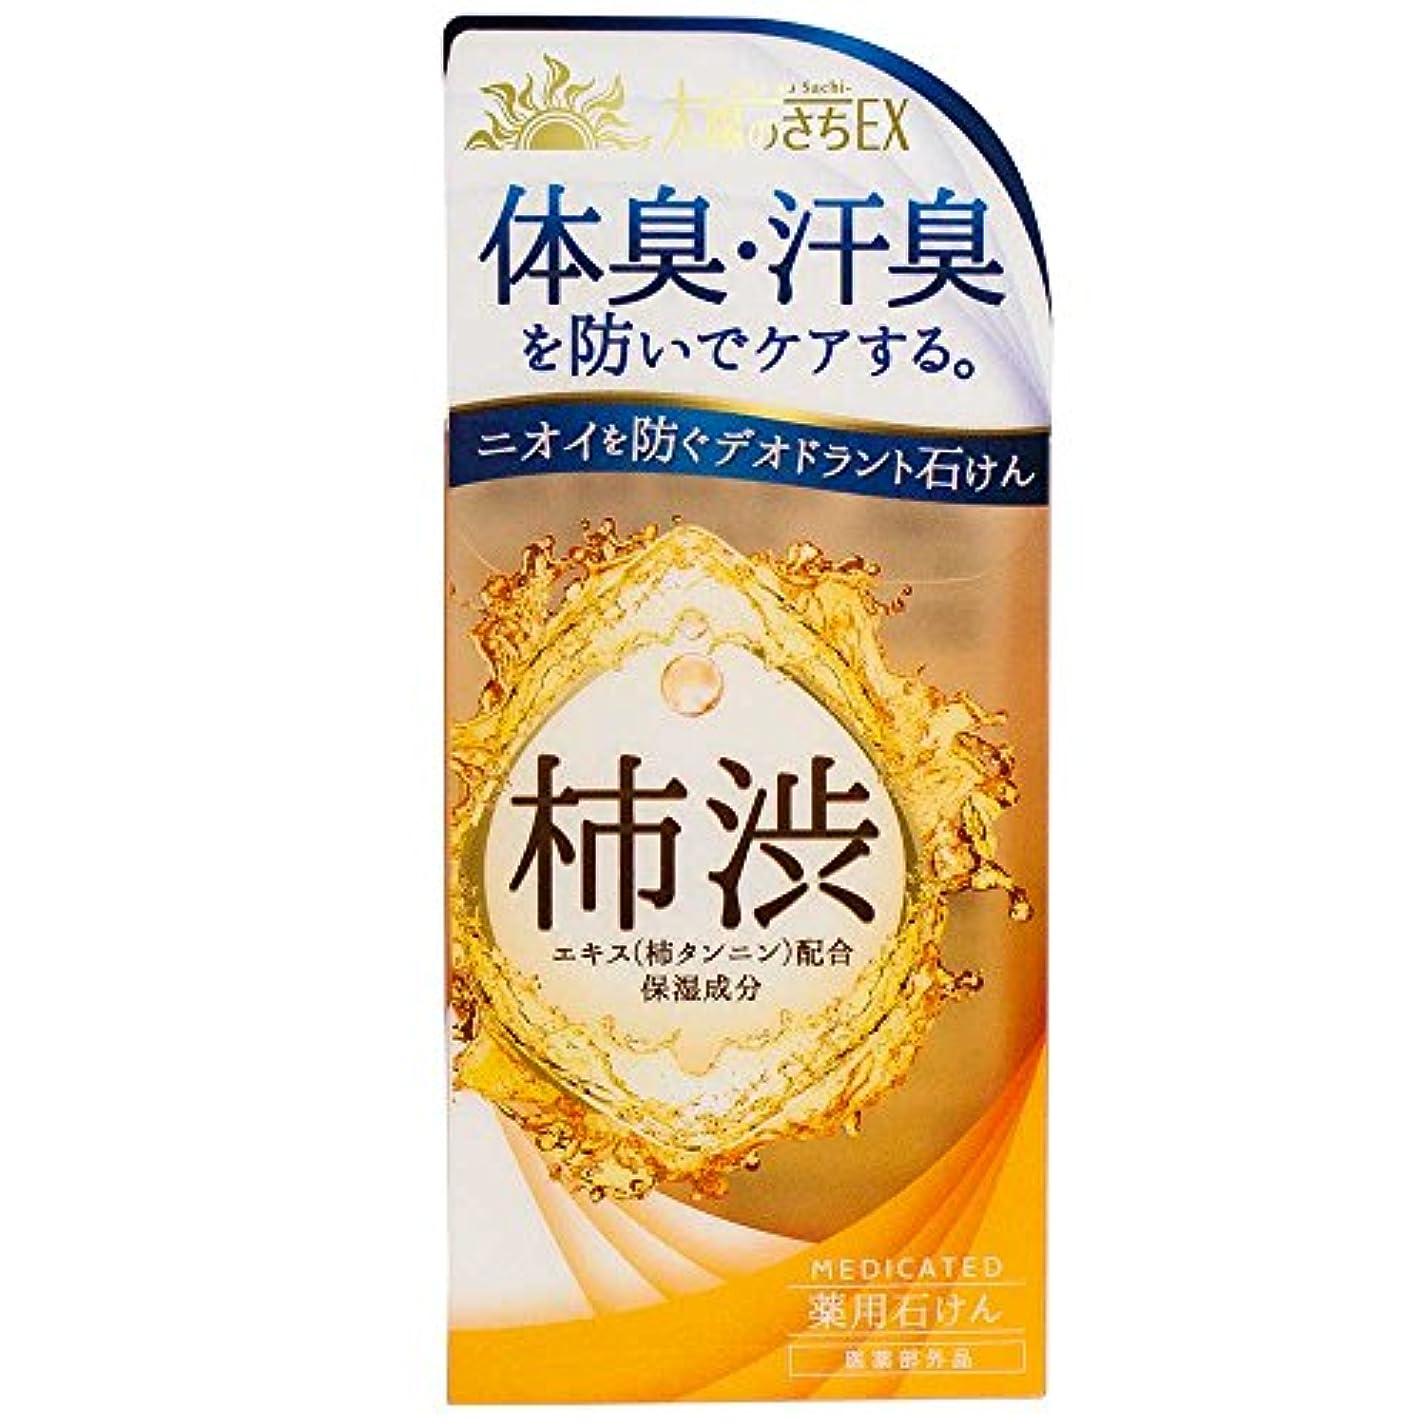 エレメンタル変形するシャイニング薬用太陽のさちEX 柿渋石けん 120g